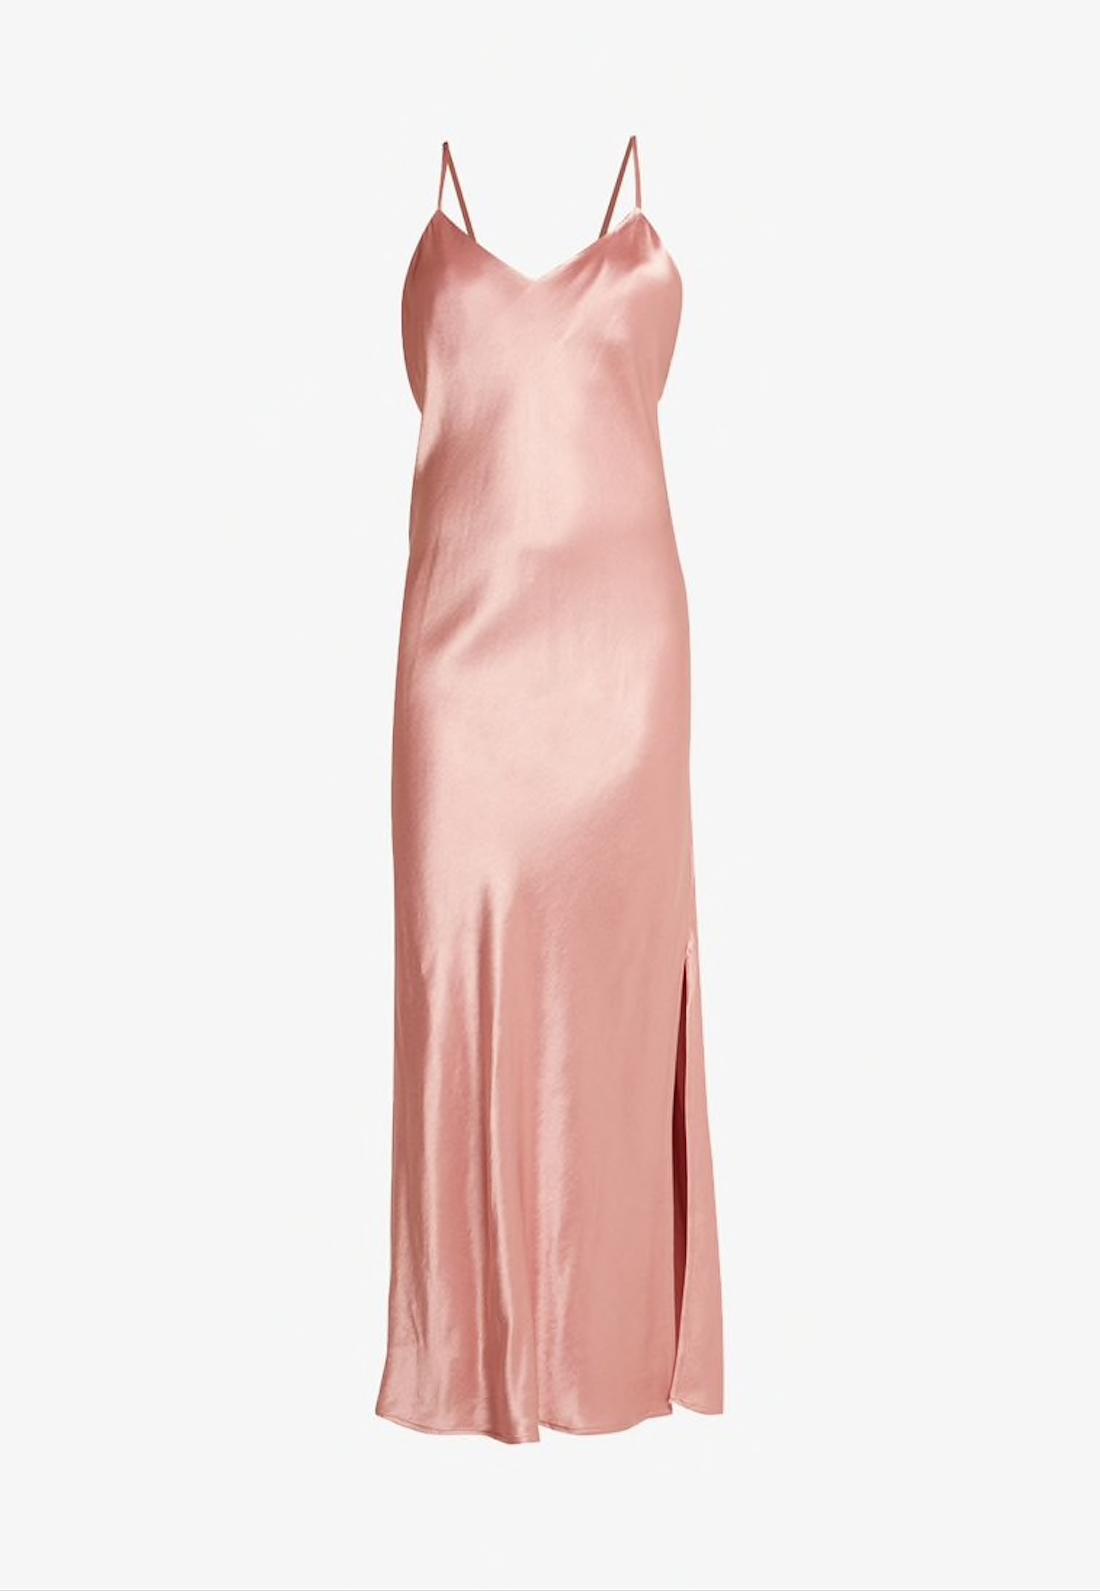 Vestido rosa de raso de Superdry, de venta en Zalando.